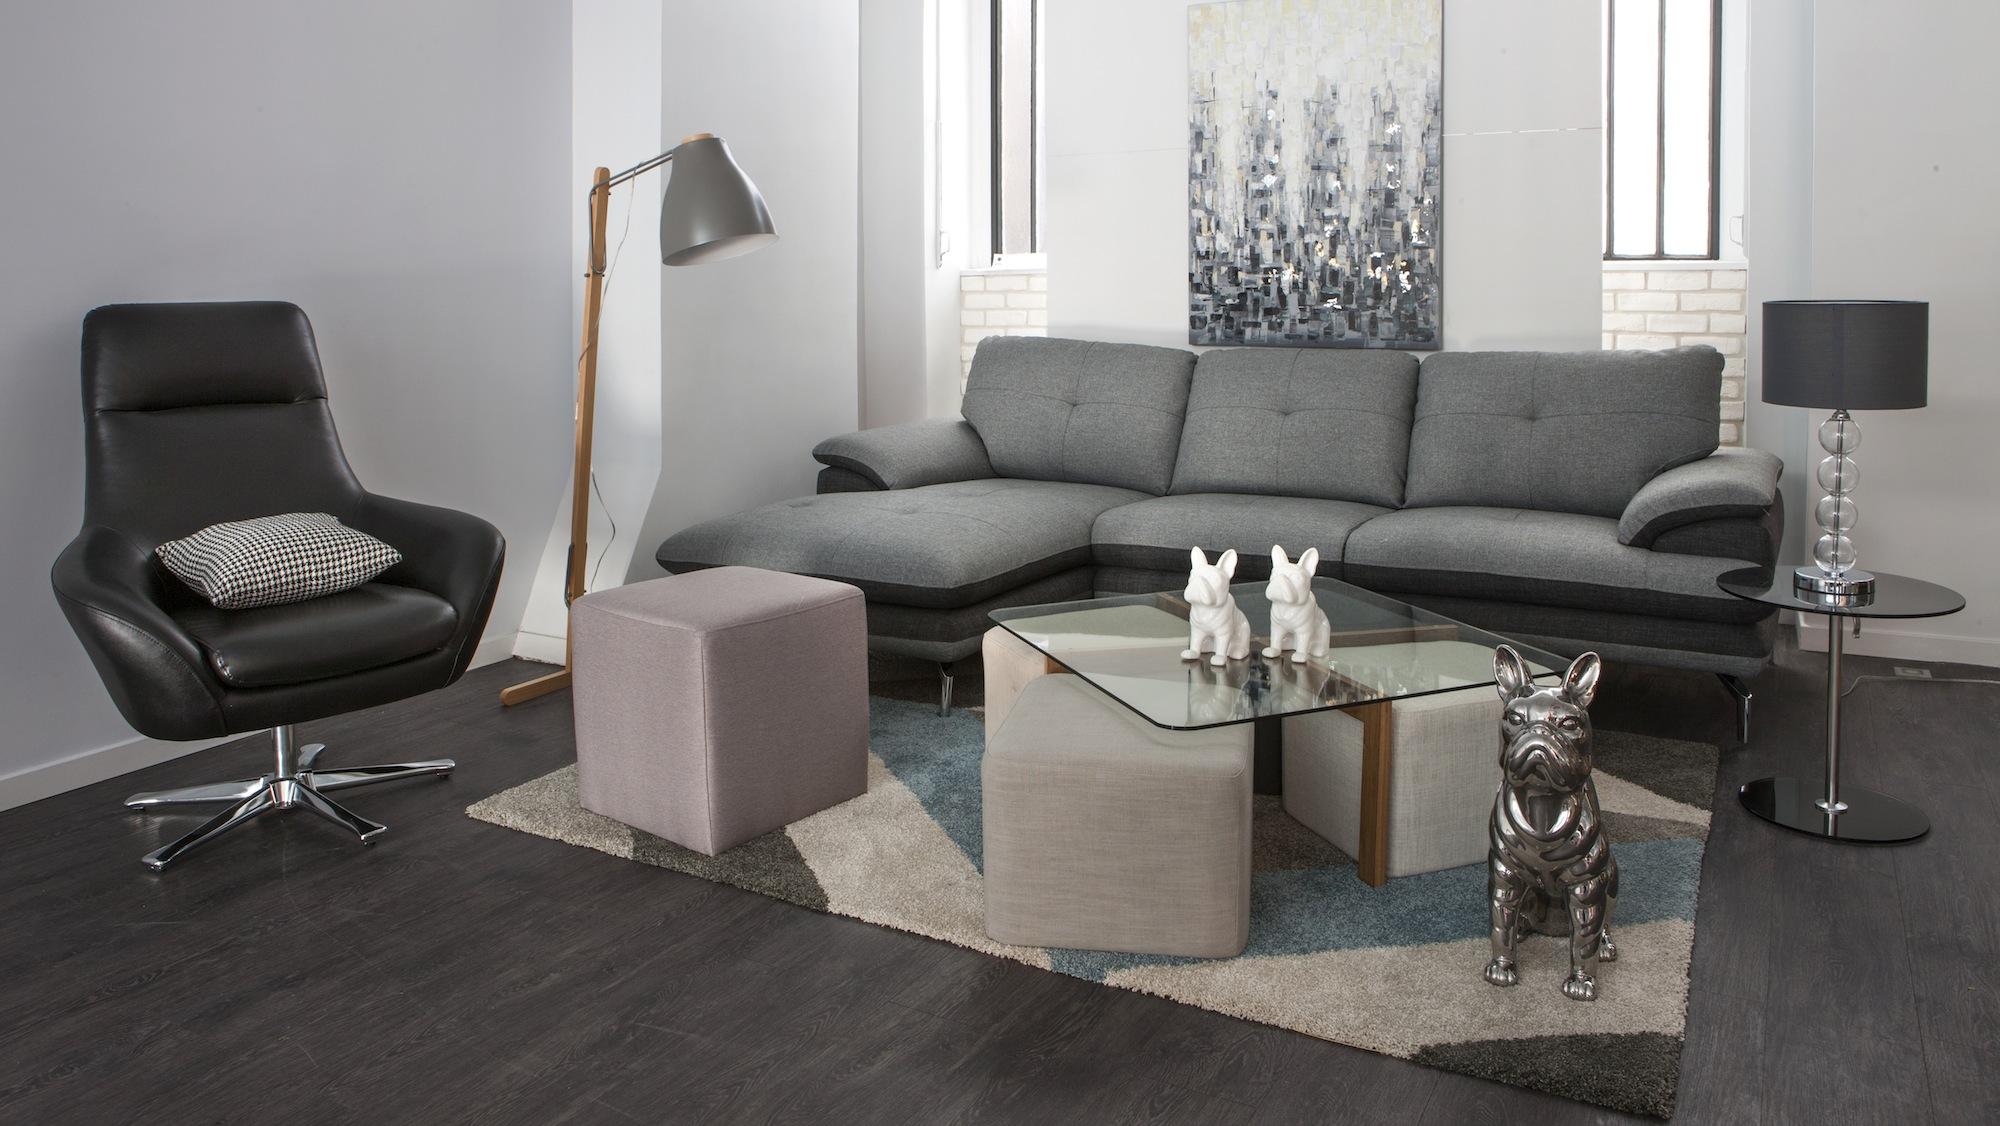 Table Basse Avec Poufs Integres Ikea Mobilier Design Decoration D